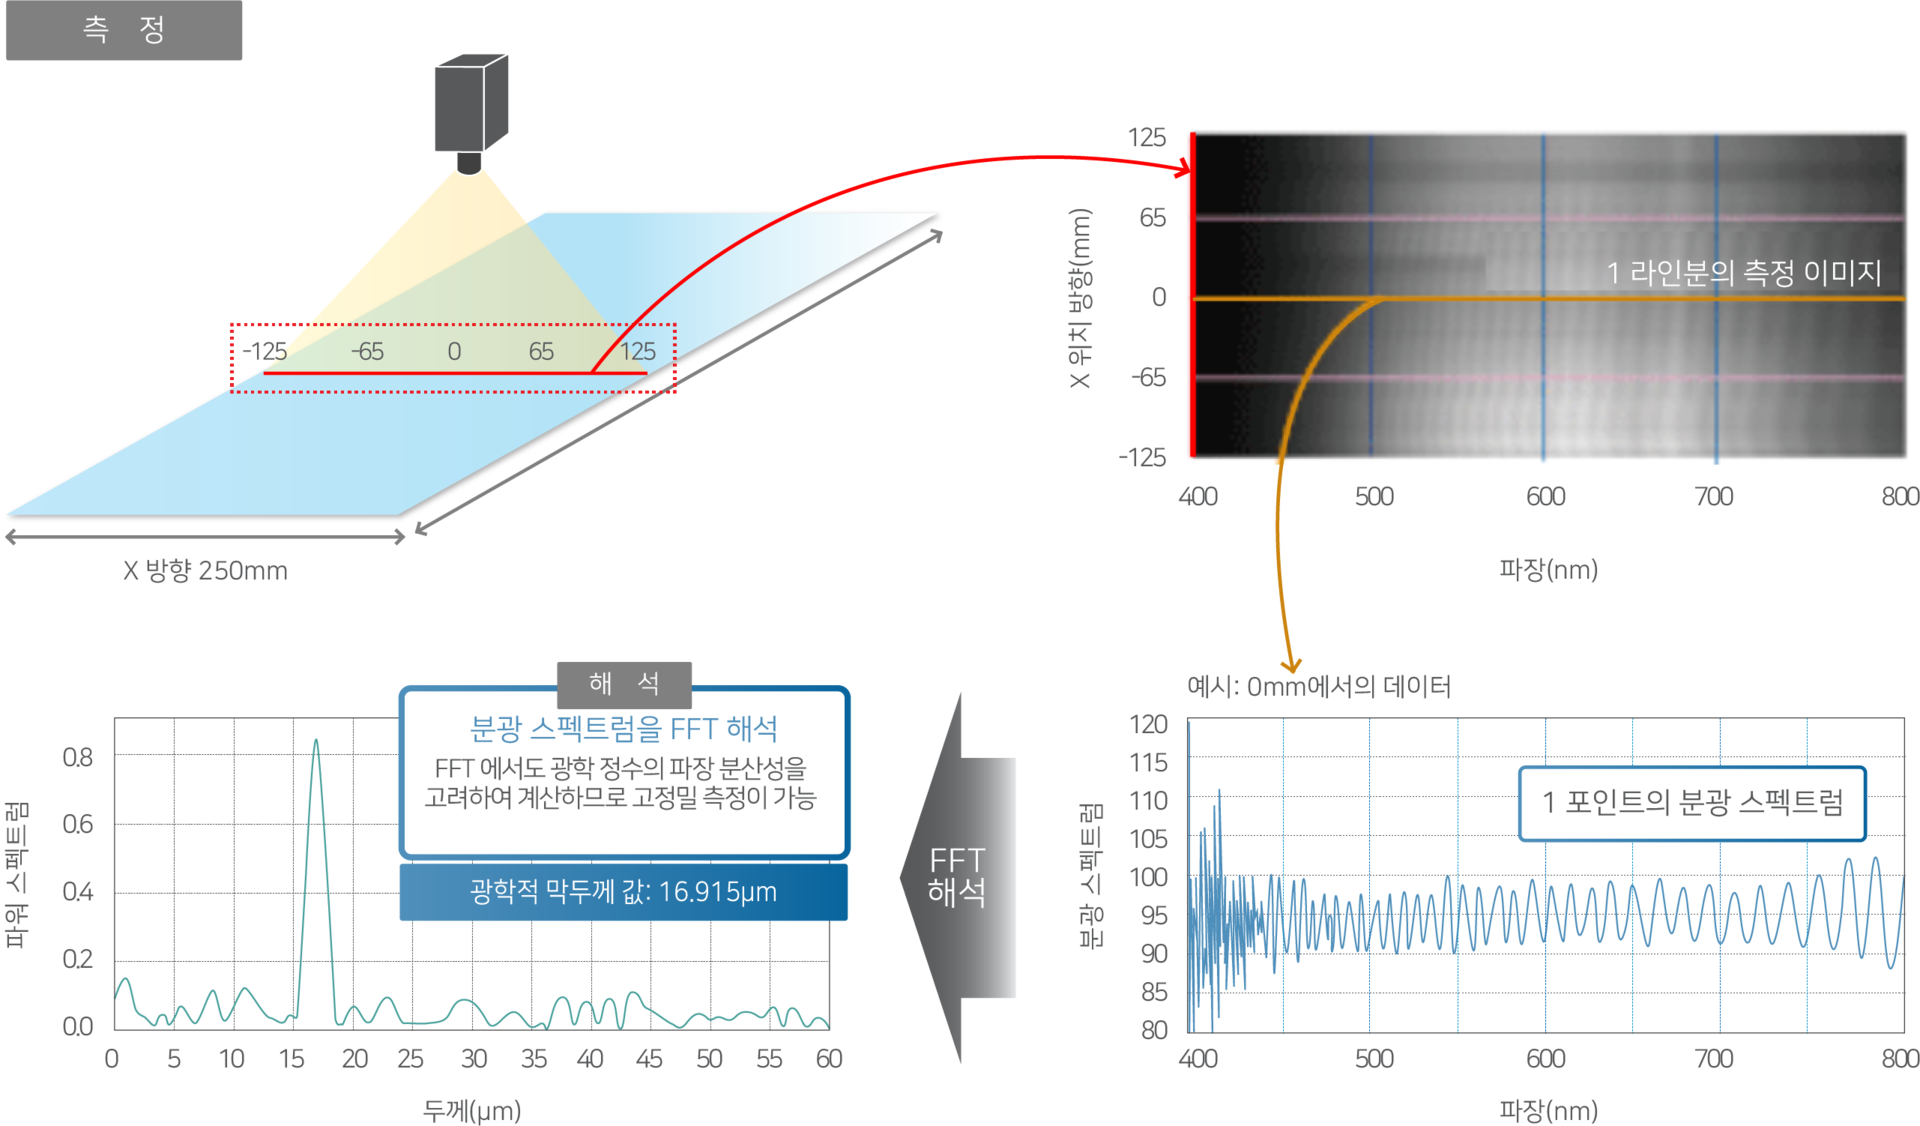 측정 프로세스 및 측정 데이터 예시